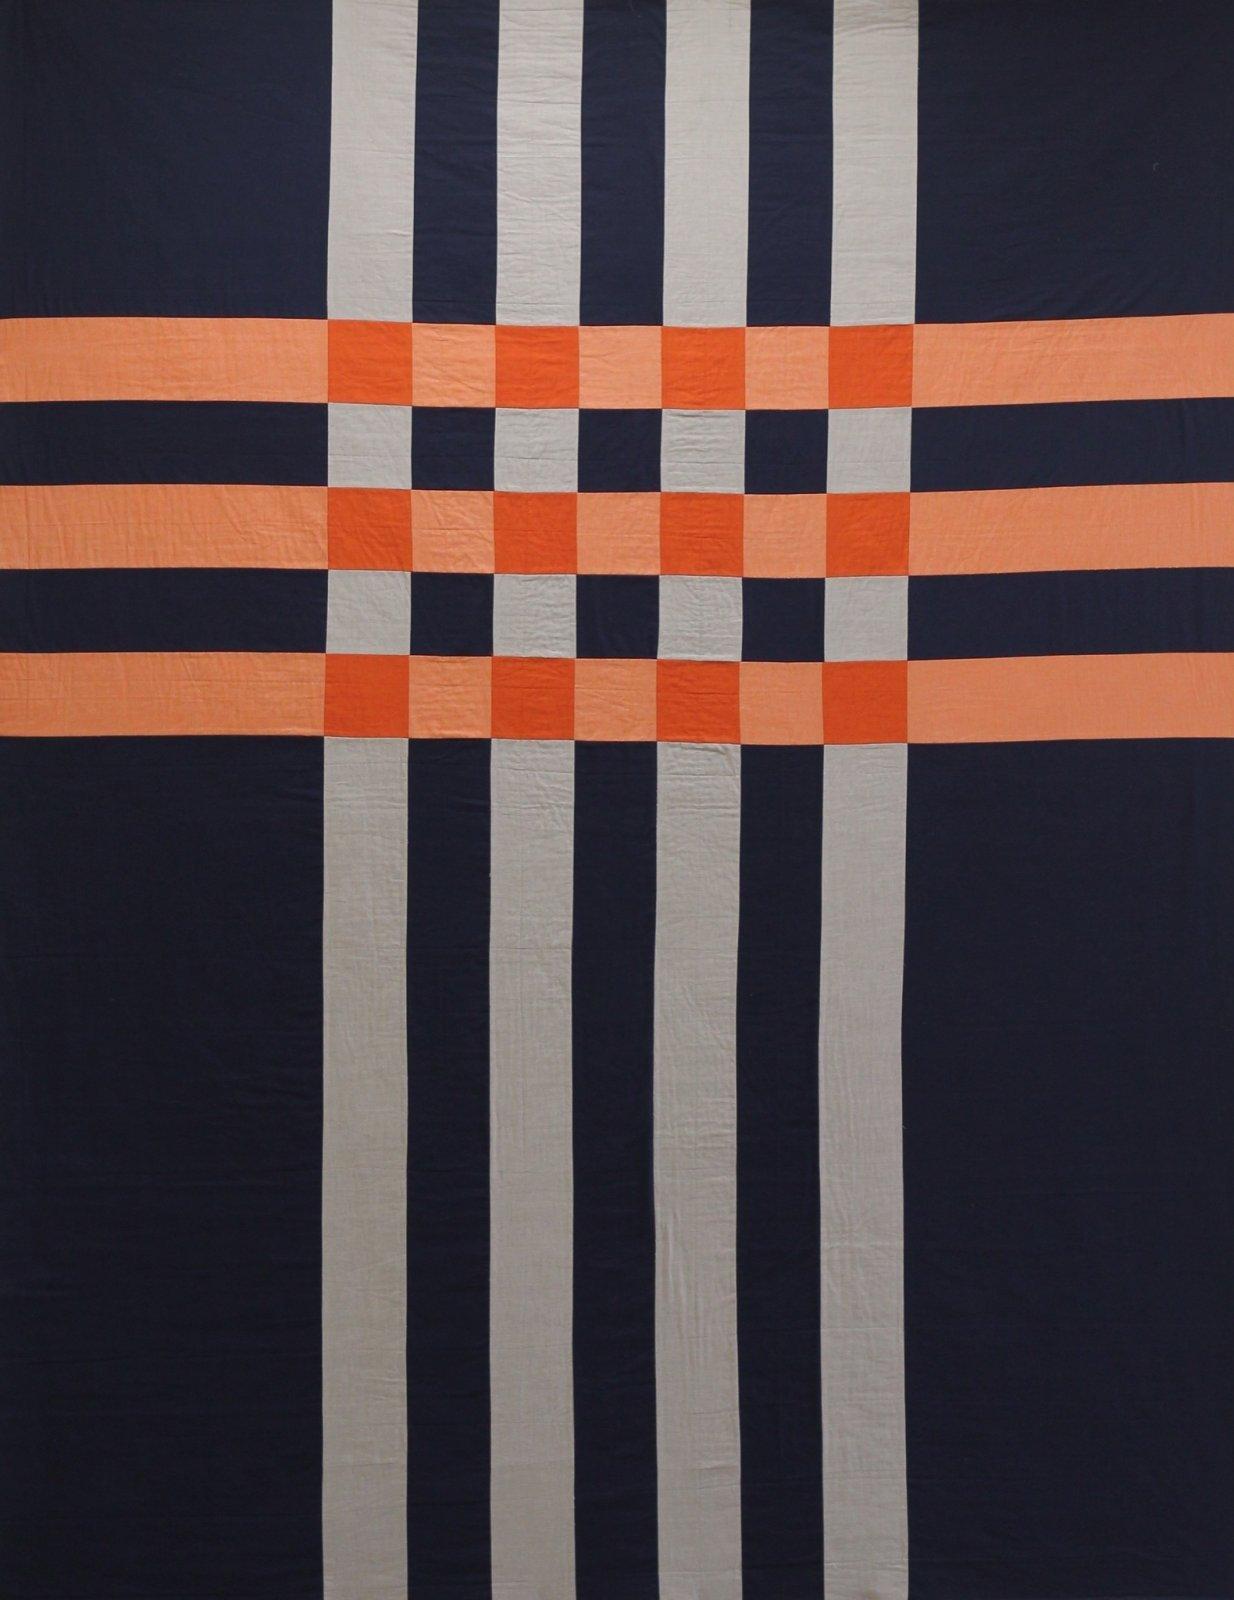 Patchwork Plaid Quilt Pattern